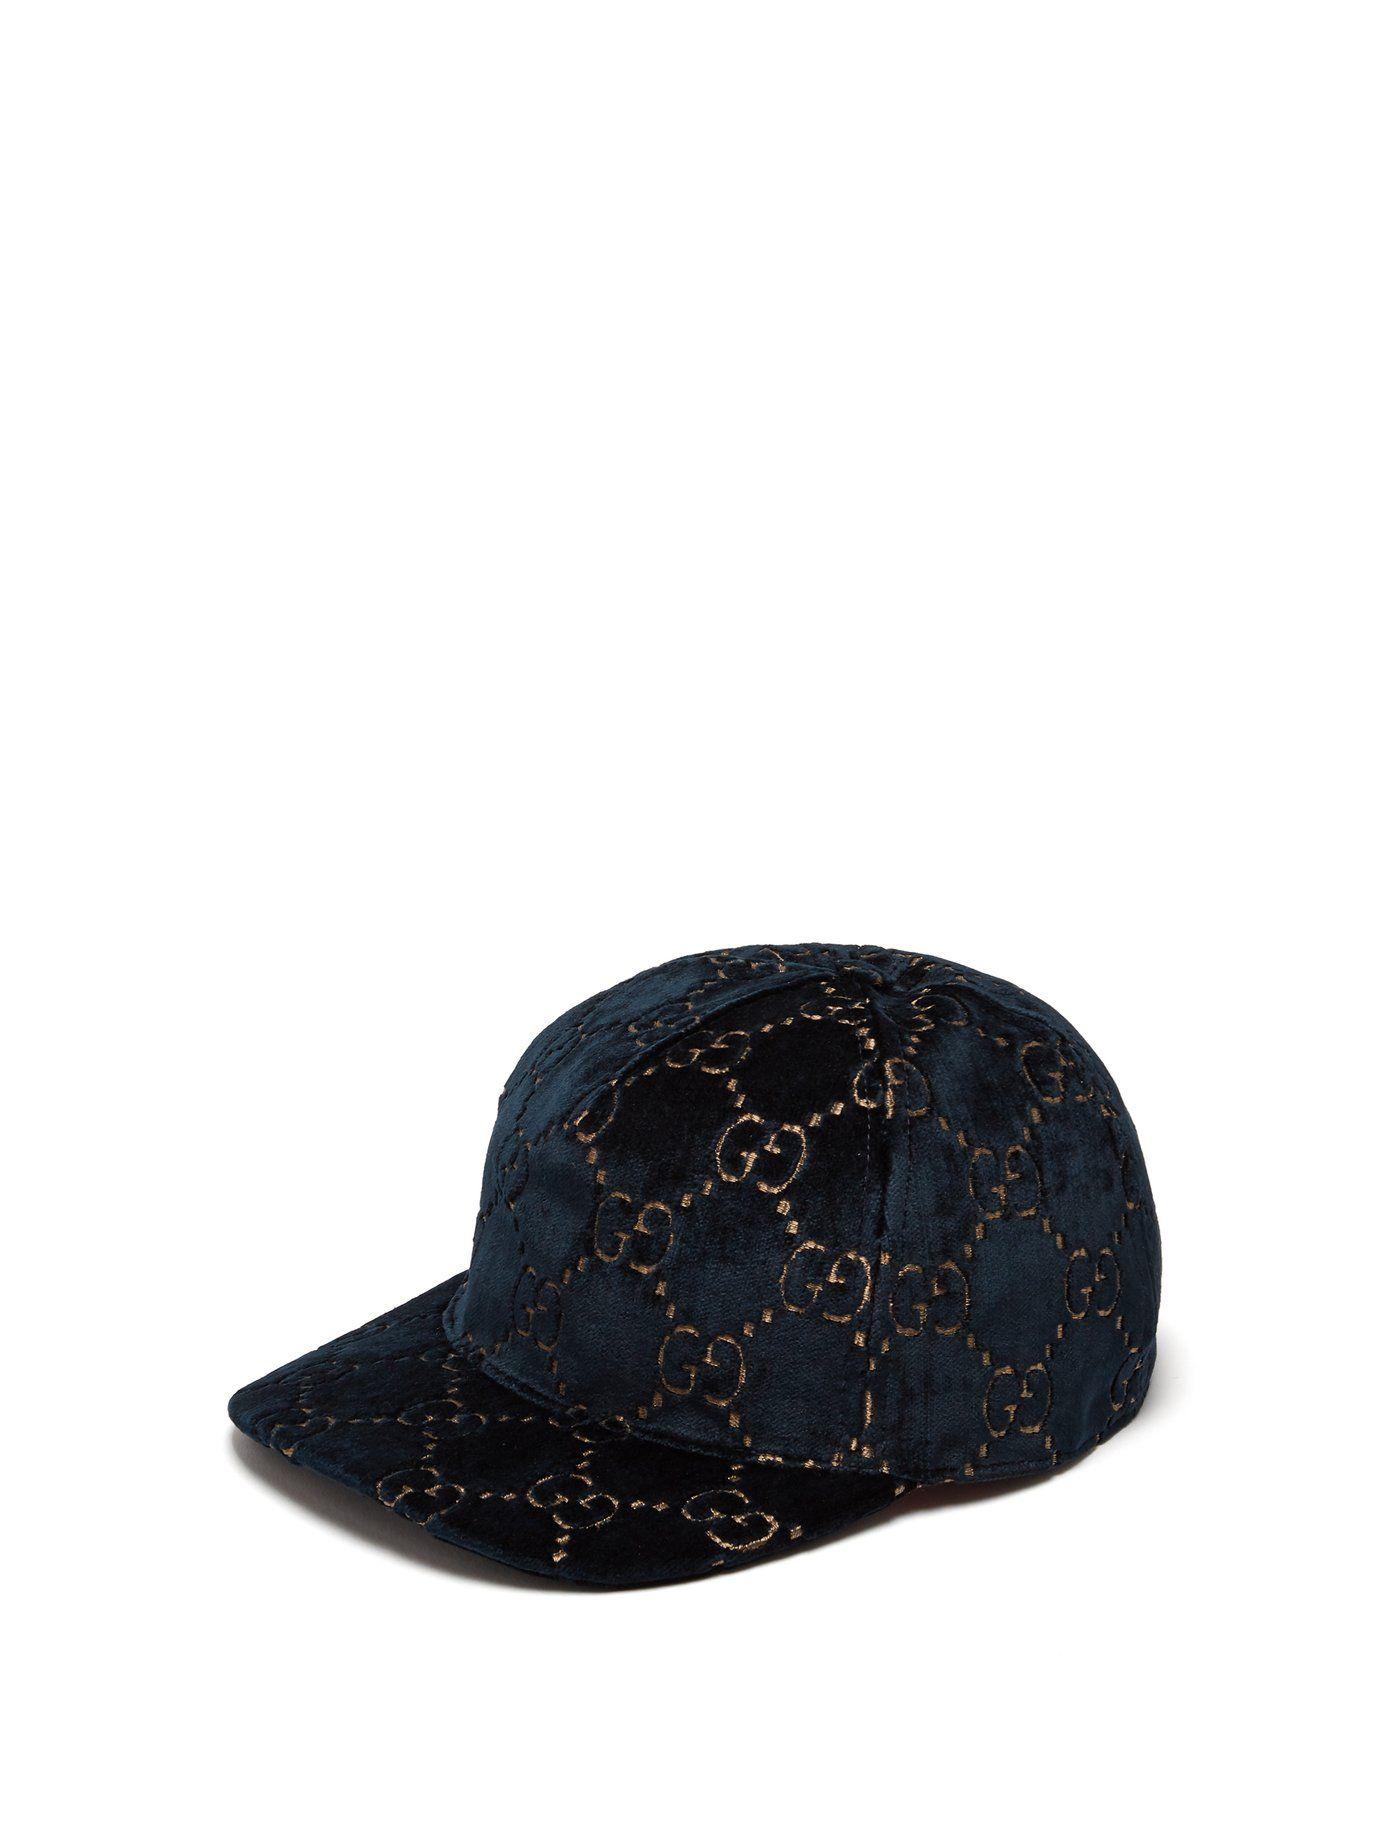 e5ecfee073d GG velvet baseball cap